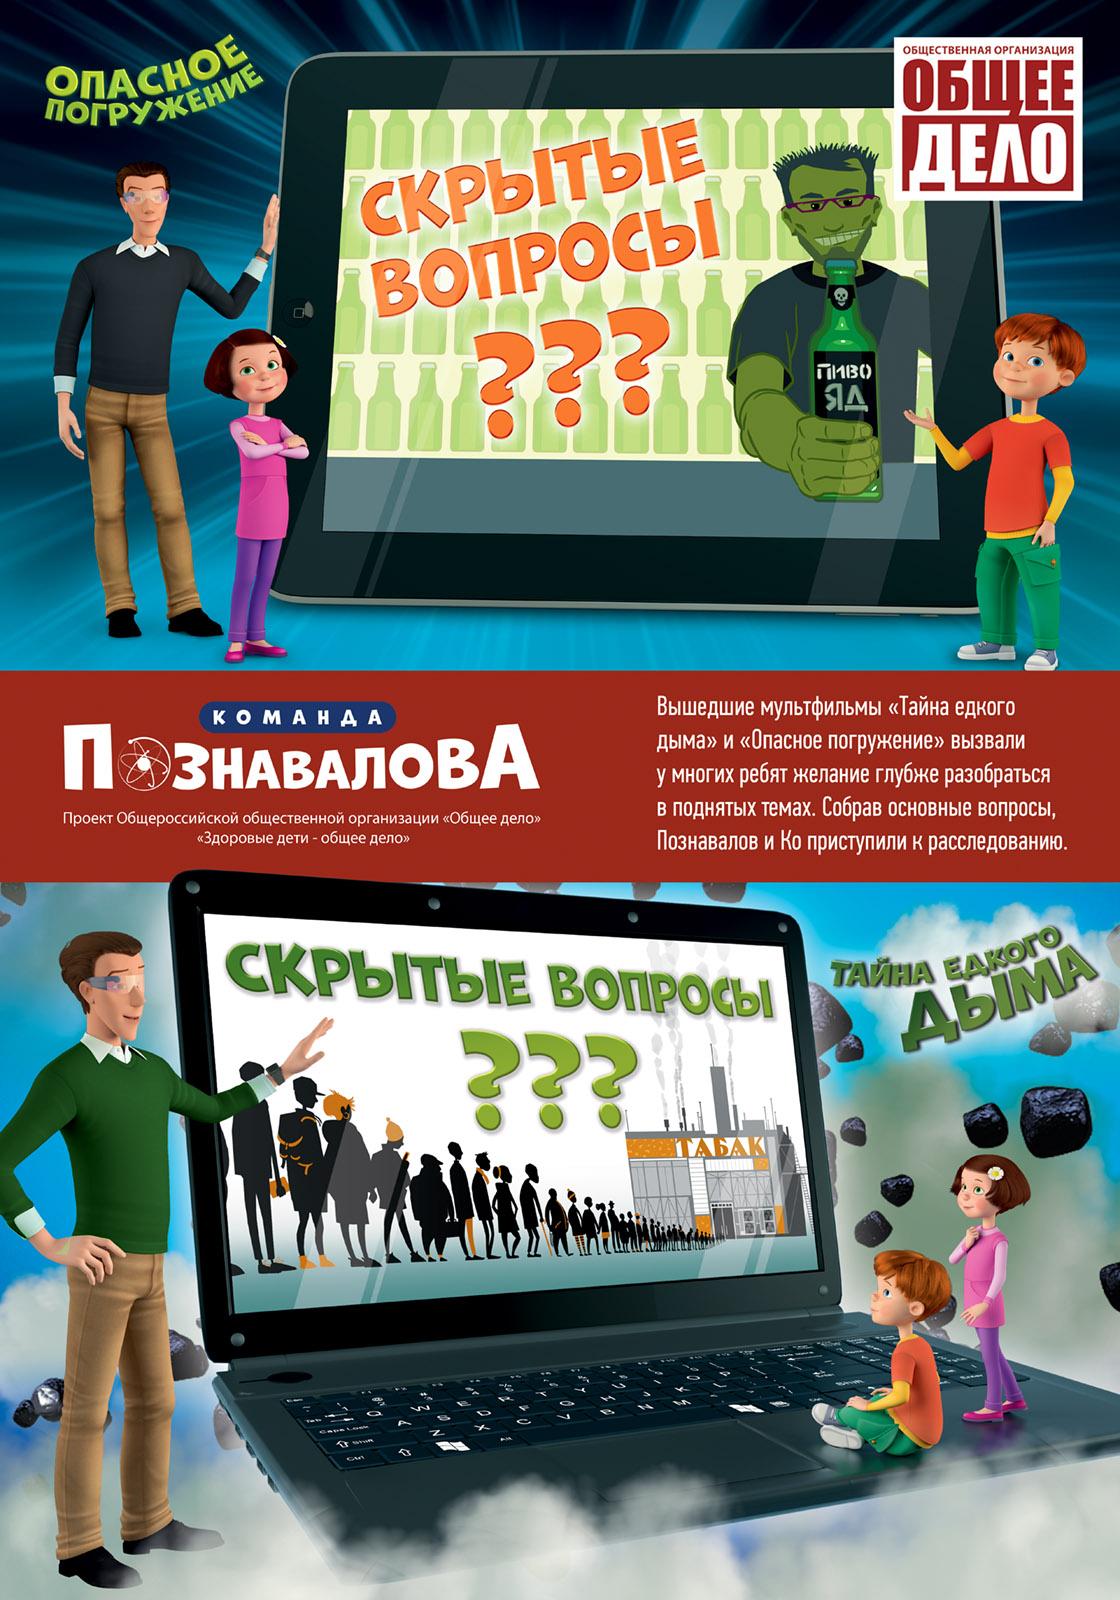 Постер - Мультфильма «Скрытые вопросы. Тайна едкого дыма» сериала «Команда Познавалова».